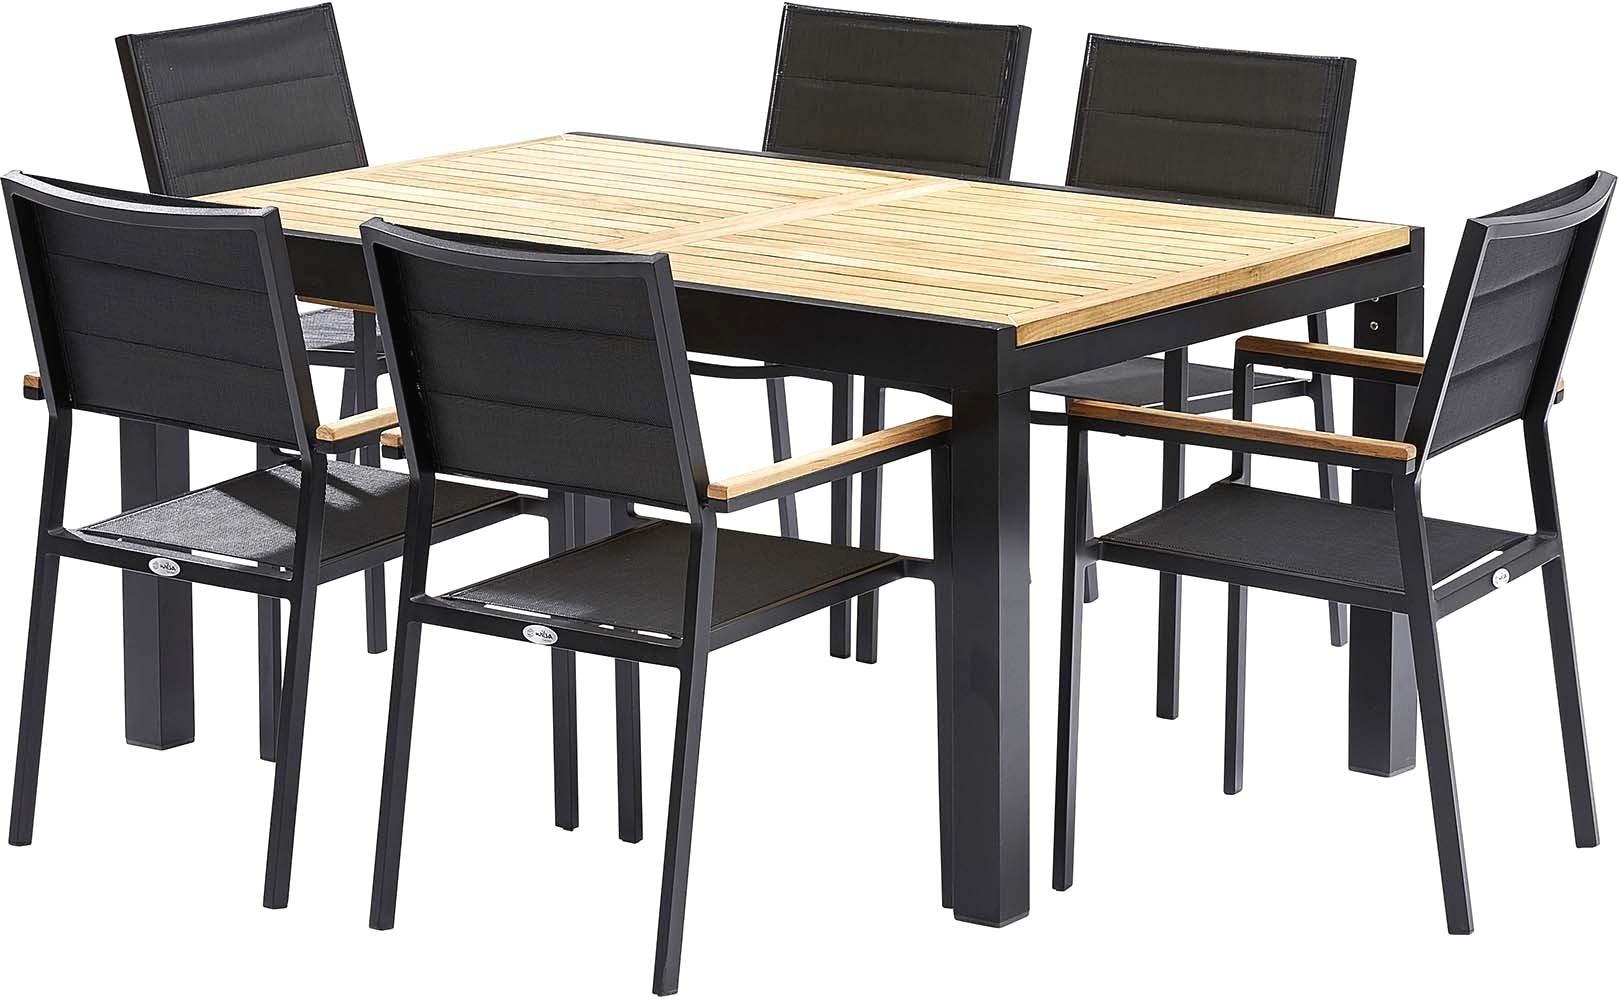 Table De Jardin Avec Chaise Pas Cher Conception - Idees ... concernant Table Et Chaise De Jardin Solde